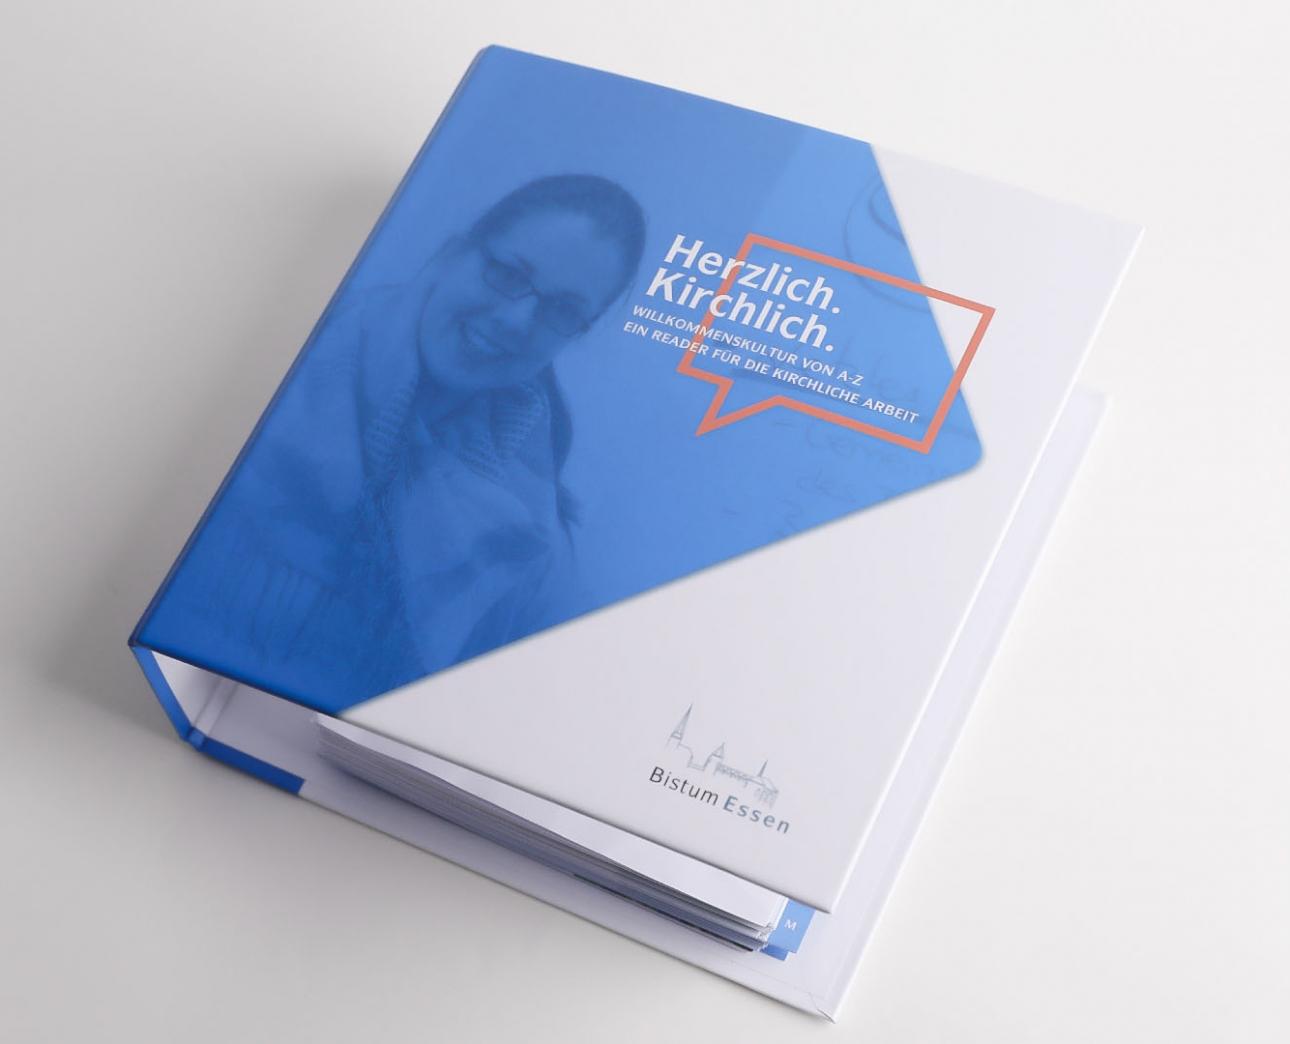 Folder, Ordner für Willkommenskultur Bistum Essen